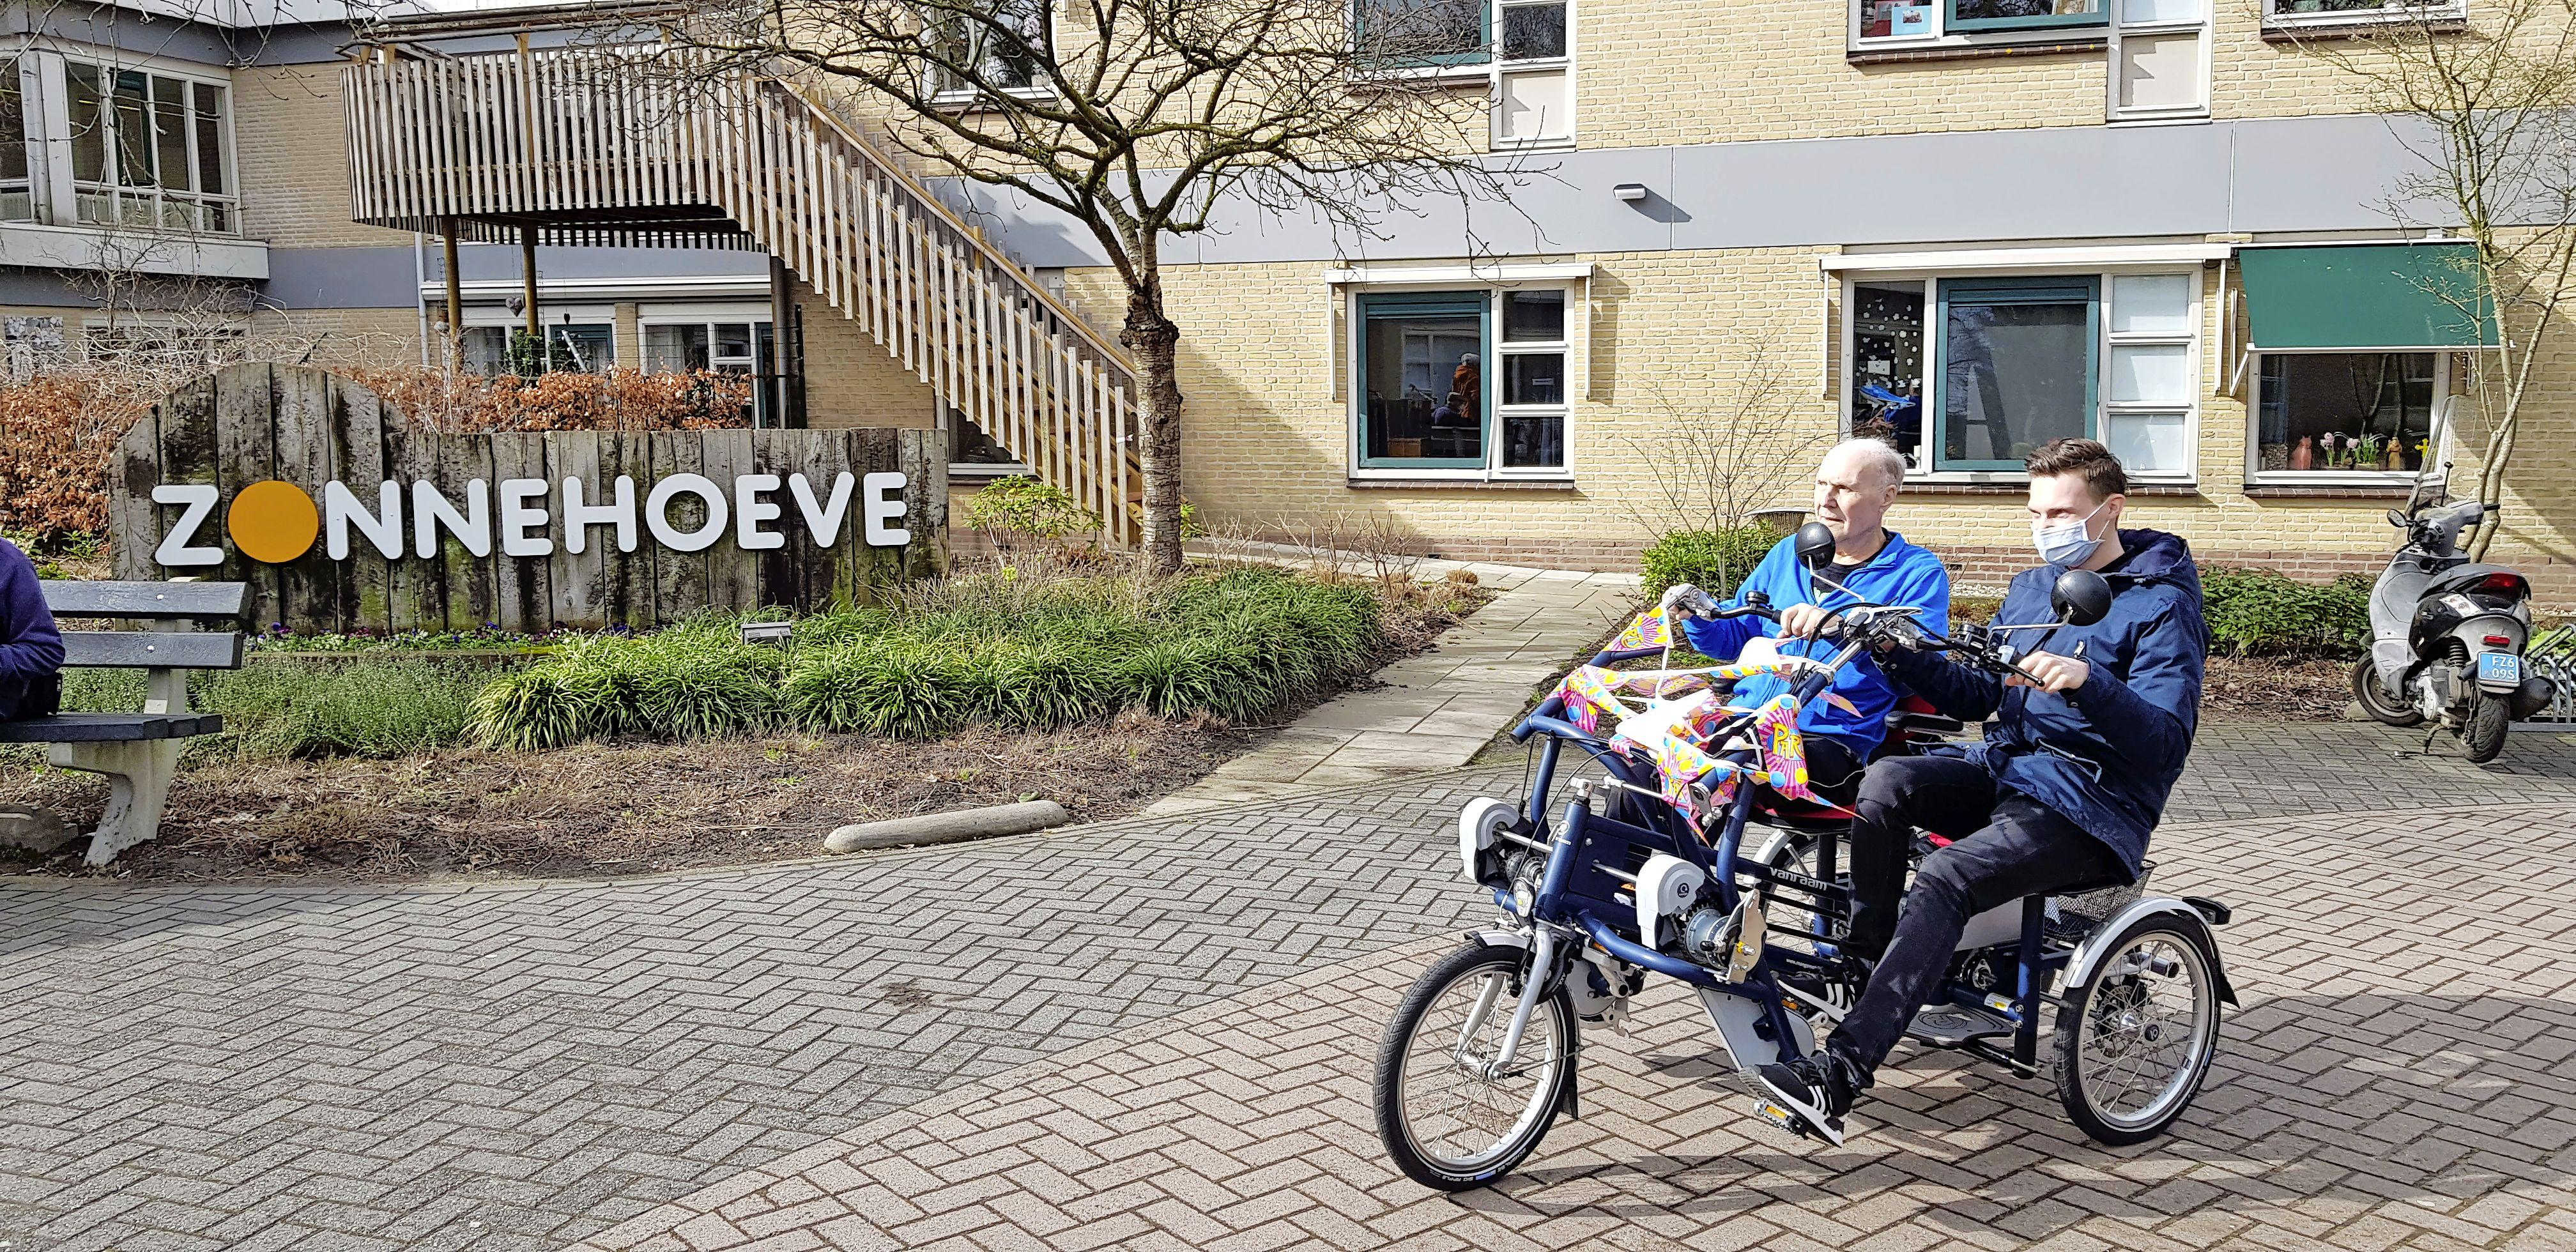 Lionsclub Hilversum trakteert bewoners van Zonnehoeve op een luxe duofiets. 'Geweldig dat ze dit voor ons doen'